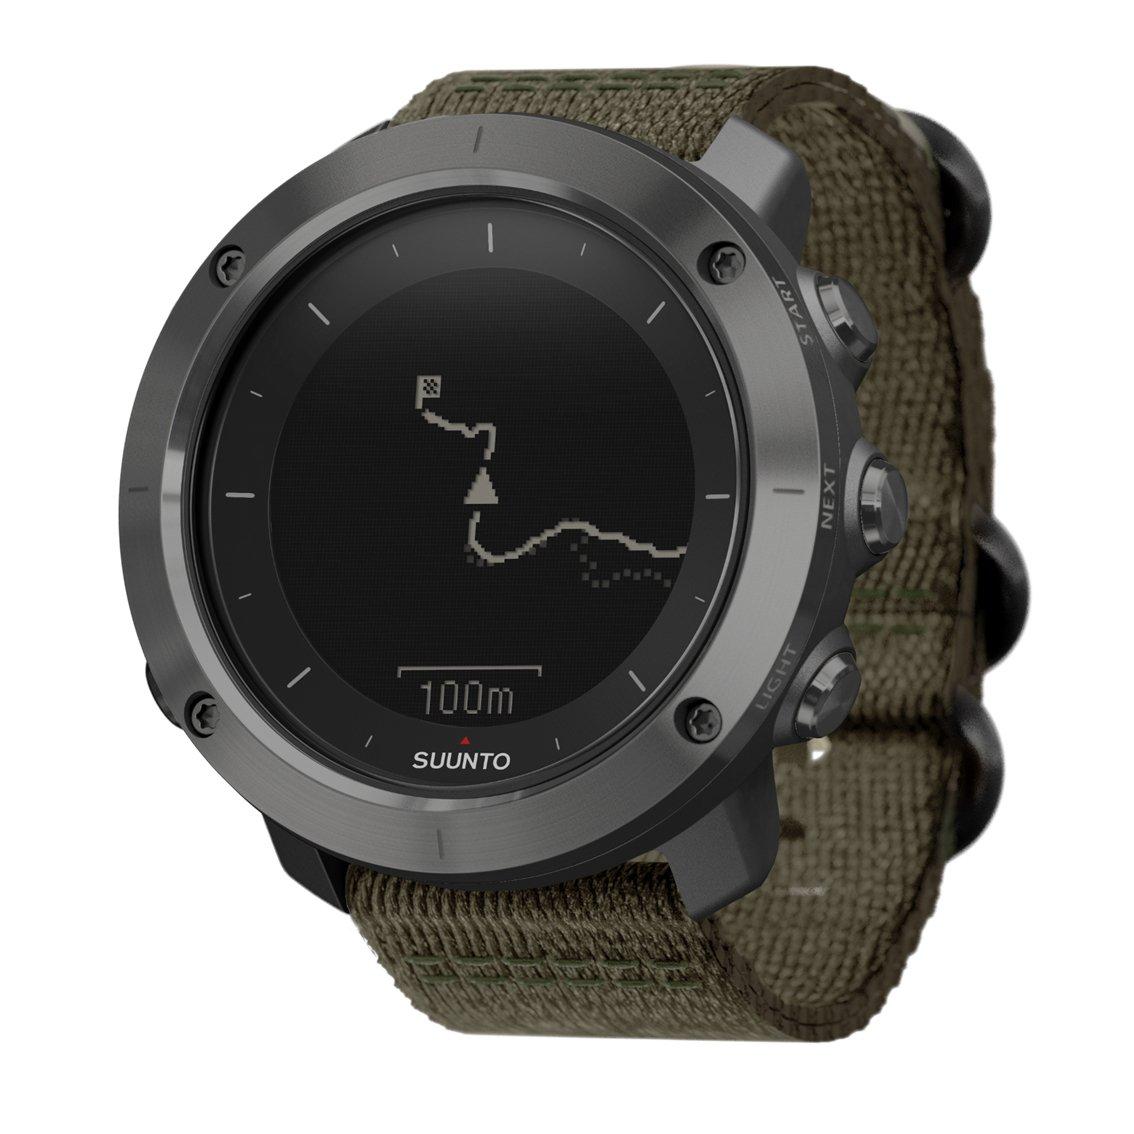 SUUNTO TRAVERSE (スント トラバース) スマートウォッチ GPS 登山 気圧計 [日本正規品] B019QE5Q68 スレート スレート